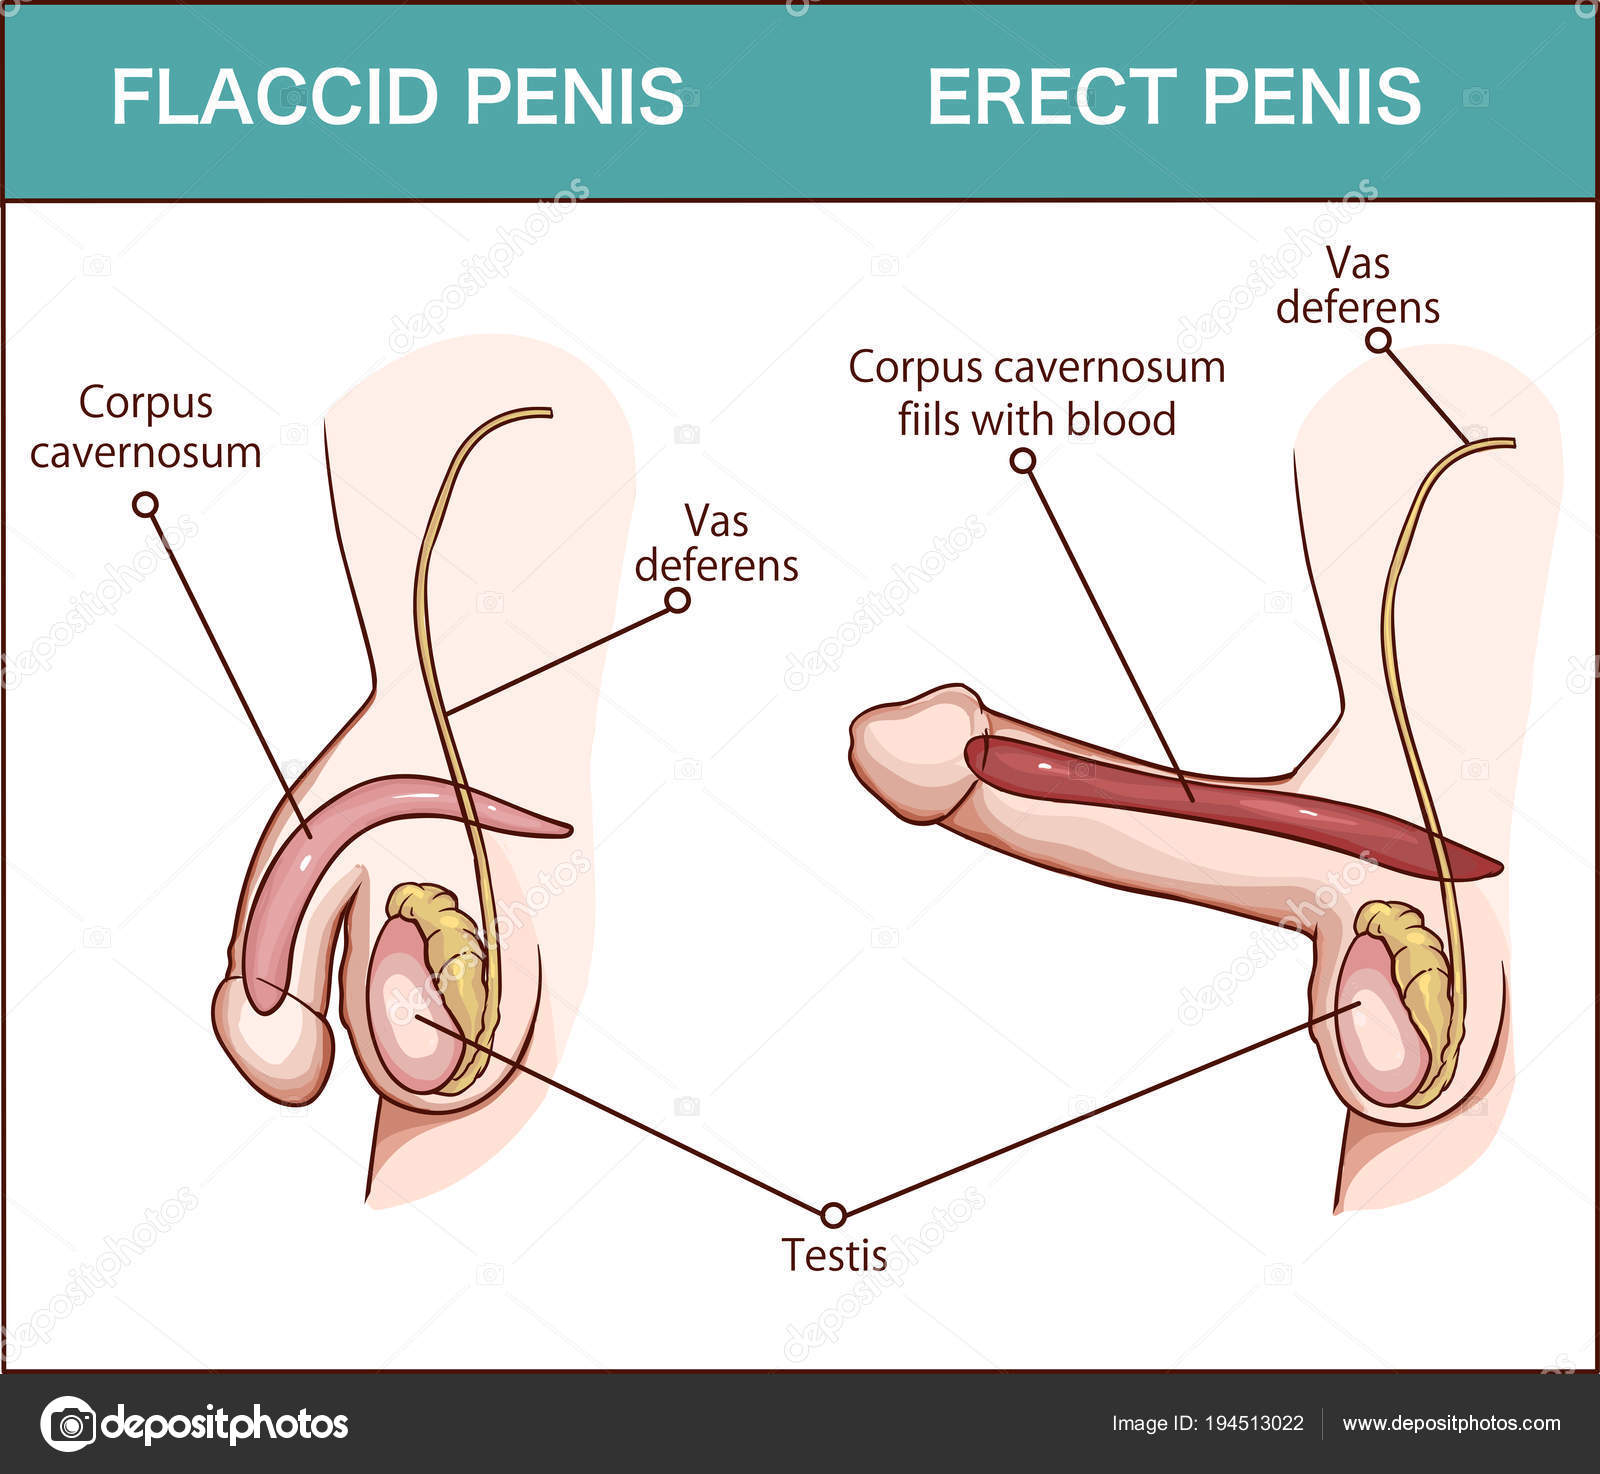 schema de erecție sexuală penis la telefon